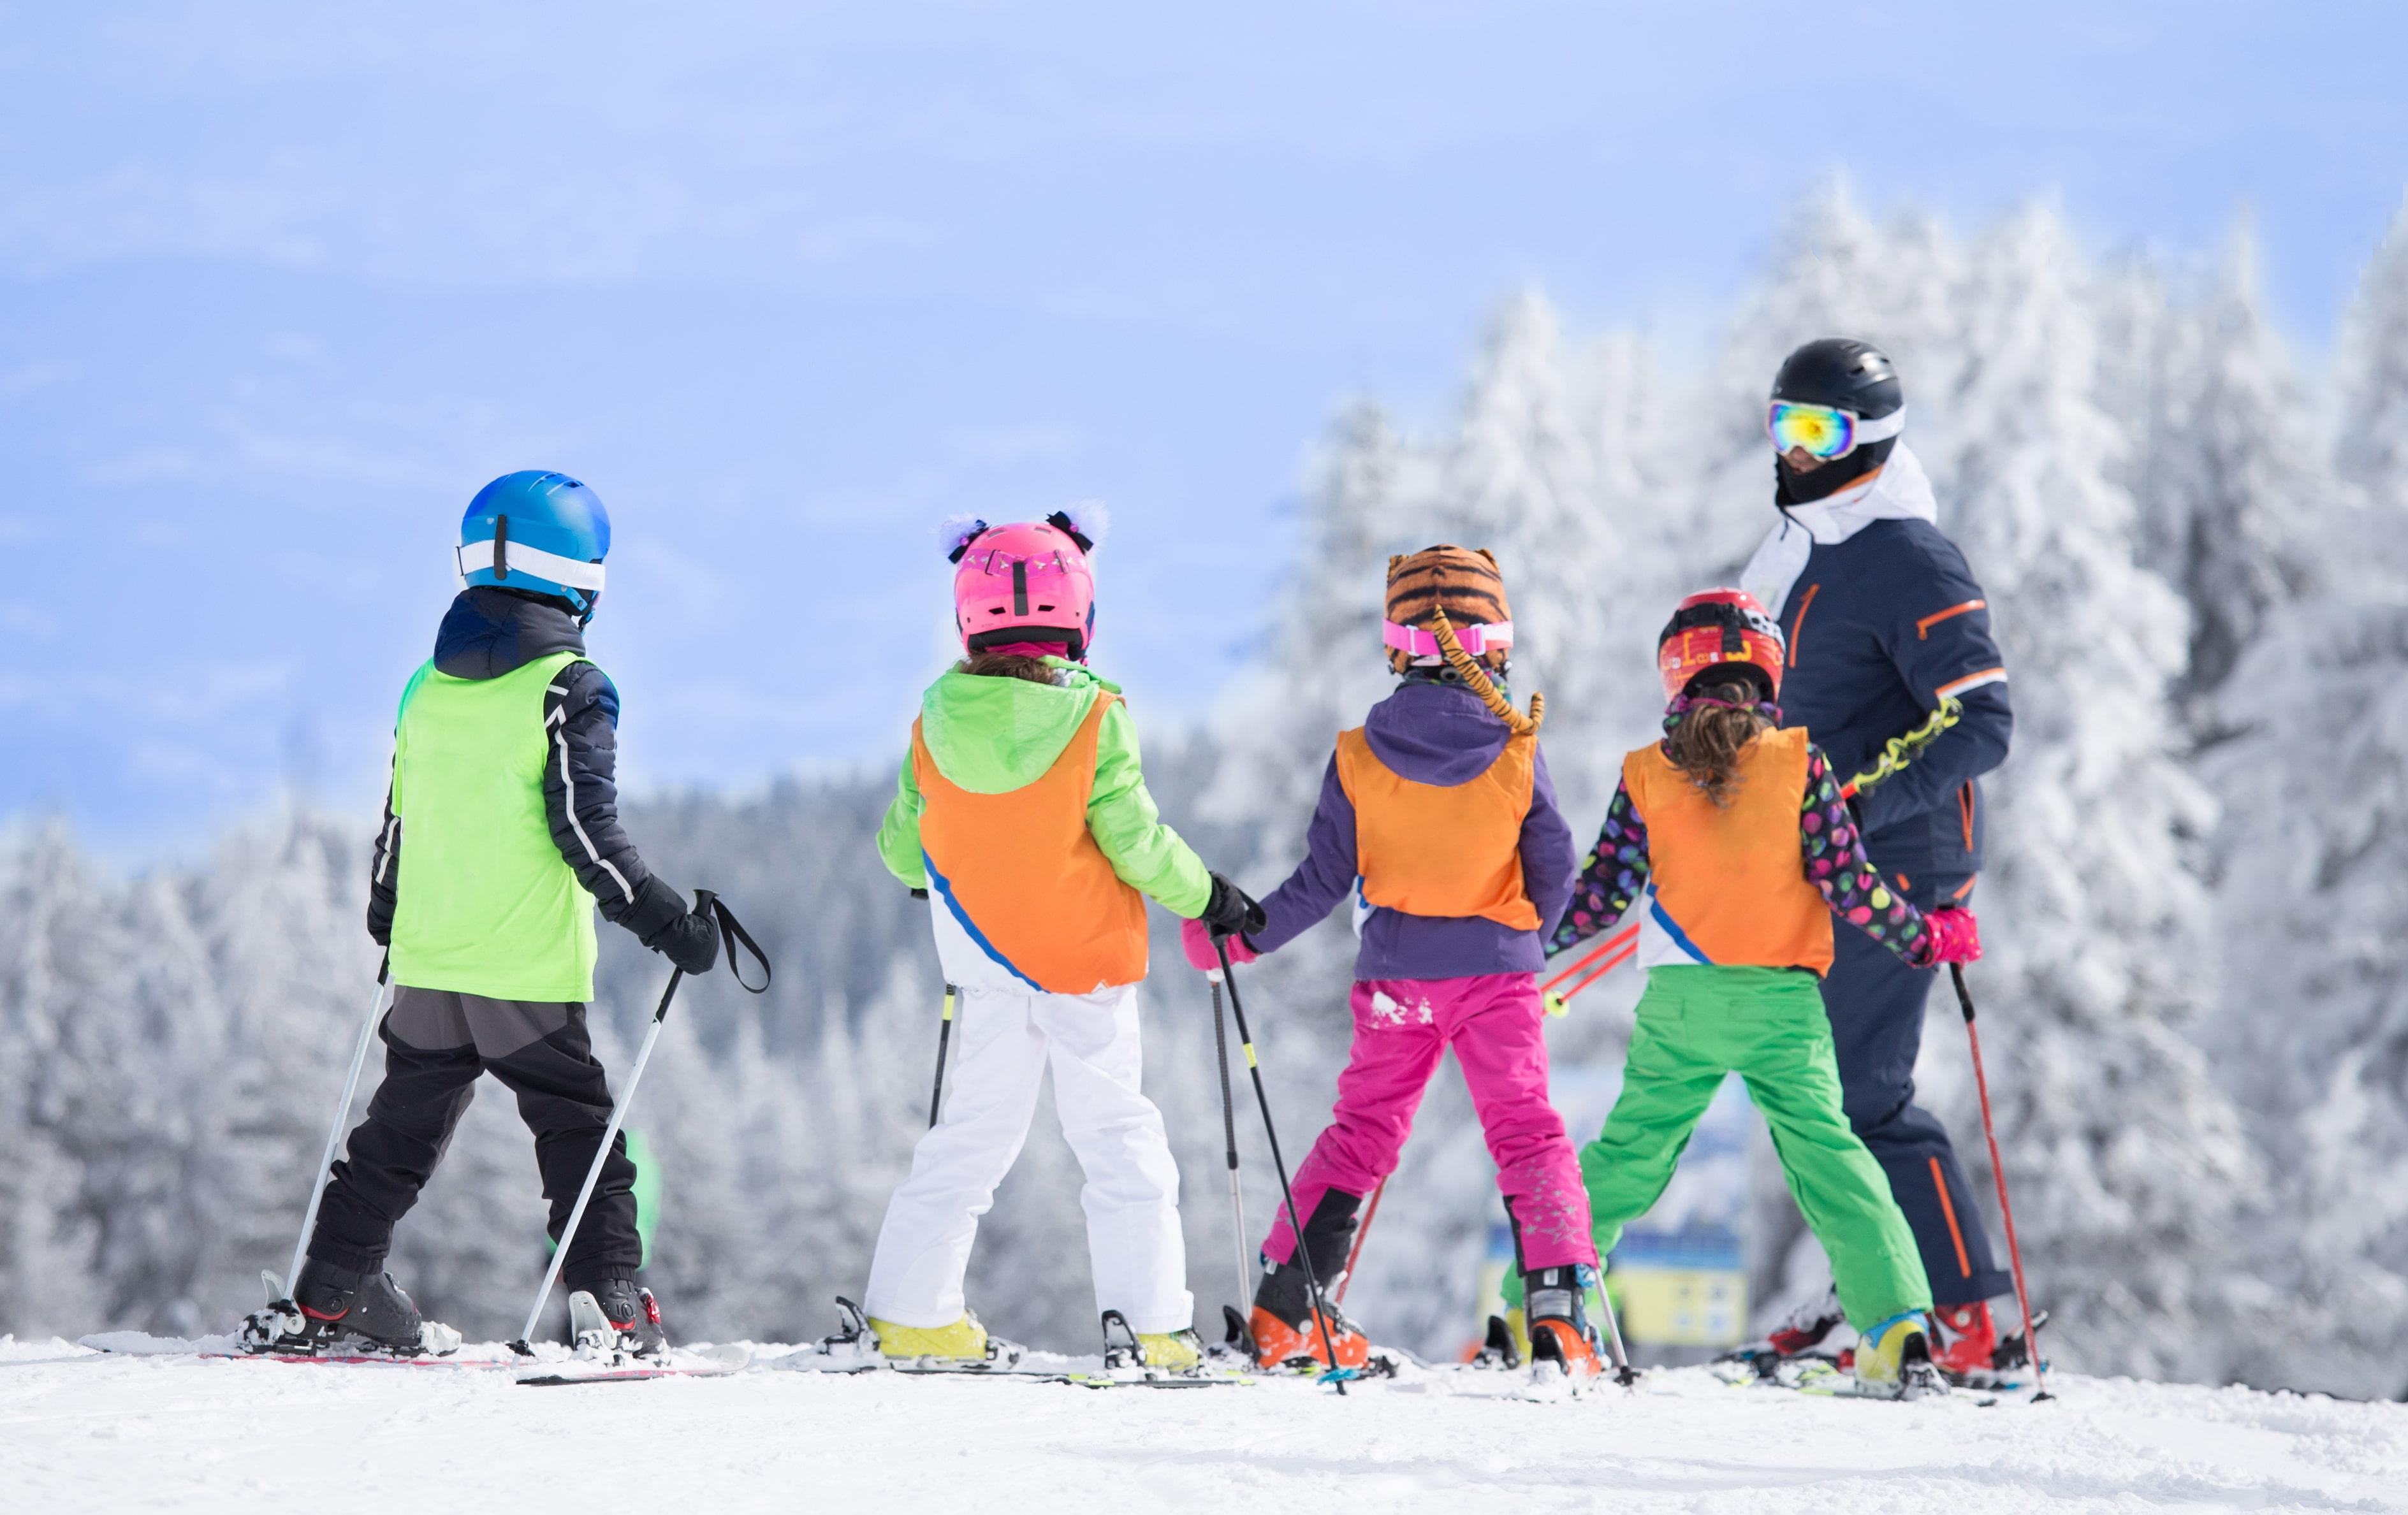 Cours de ski pour Enfants - Avec expérience